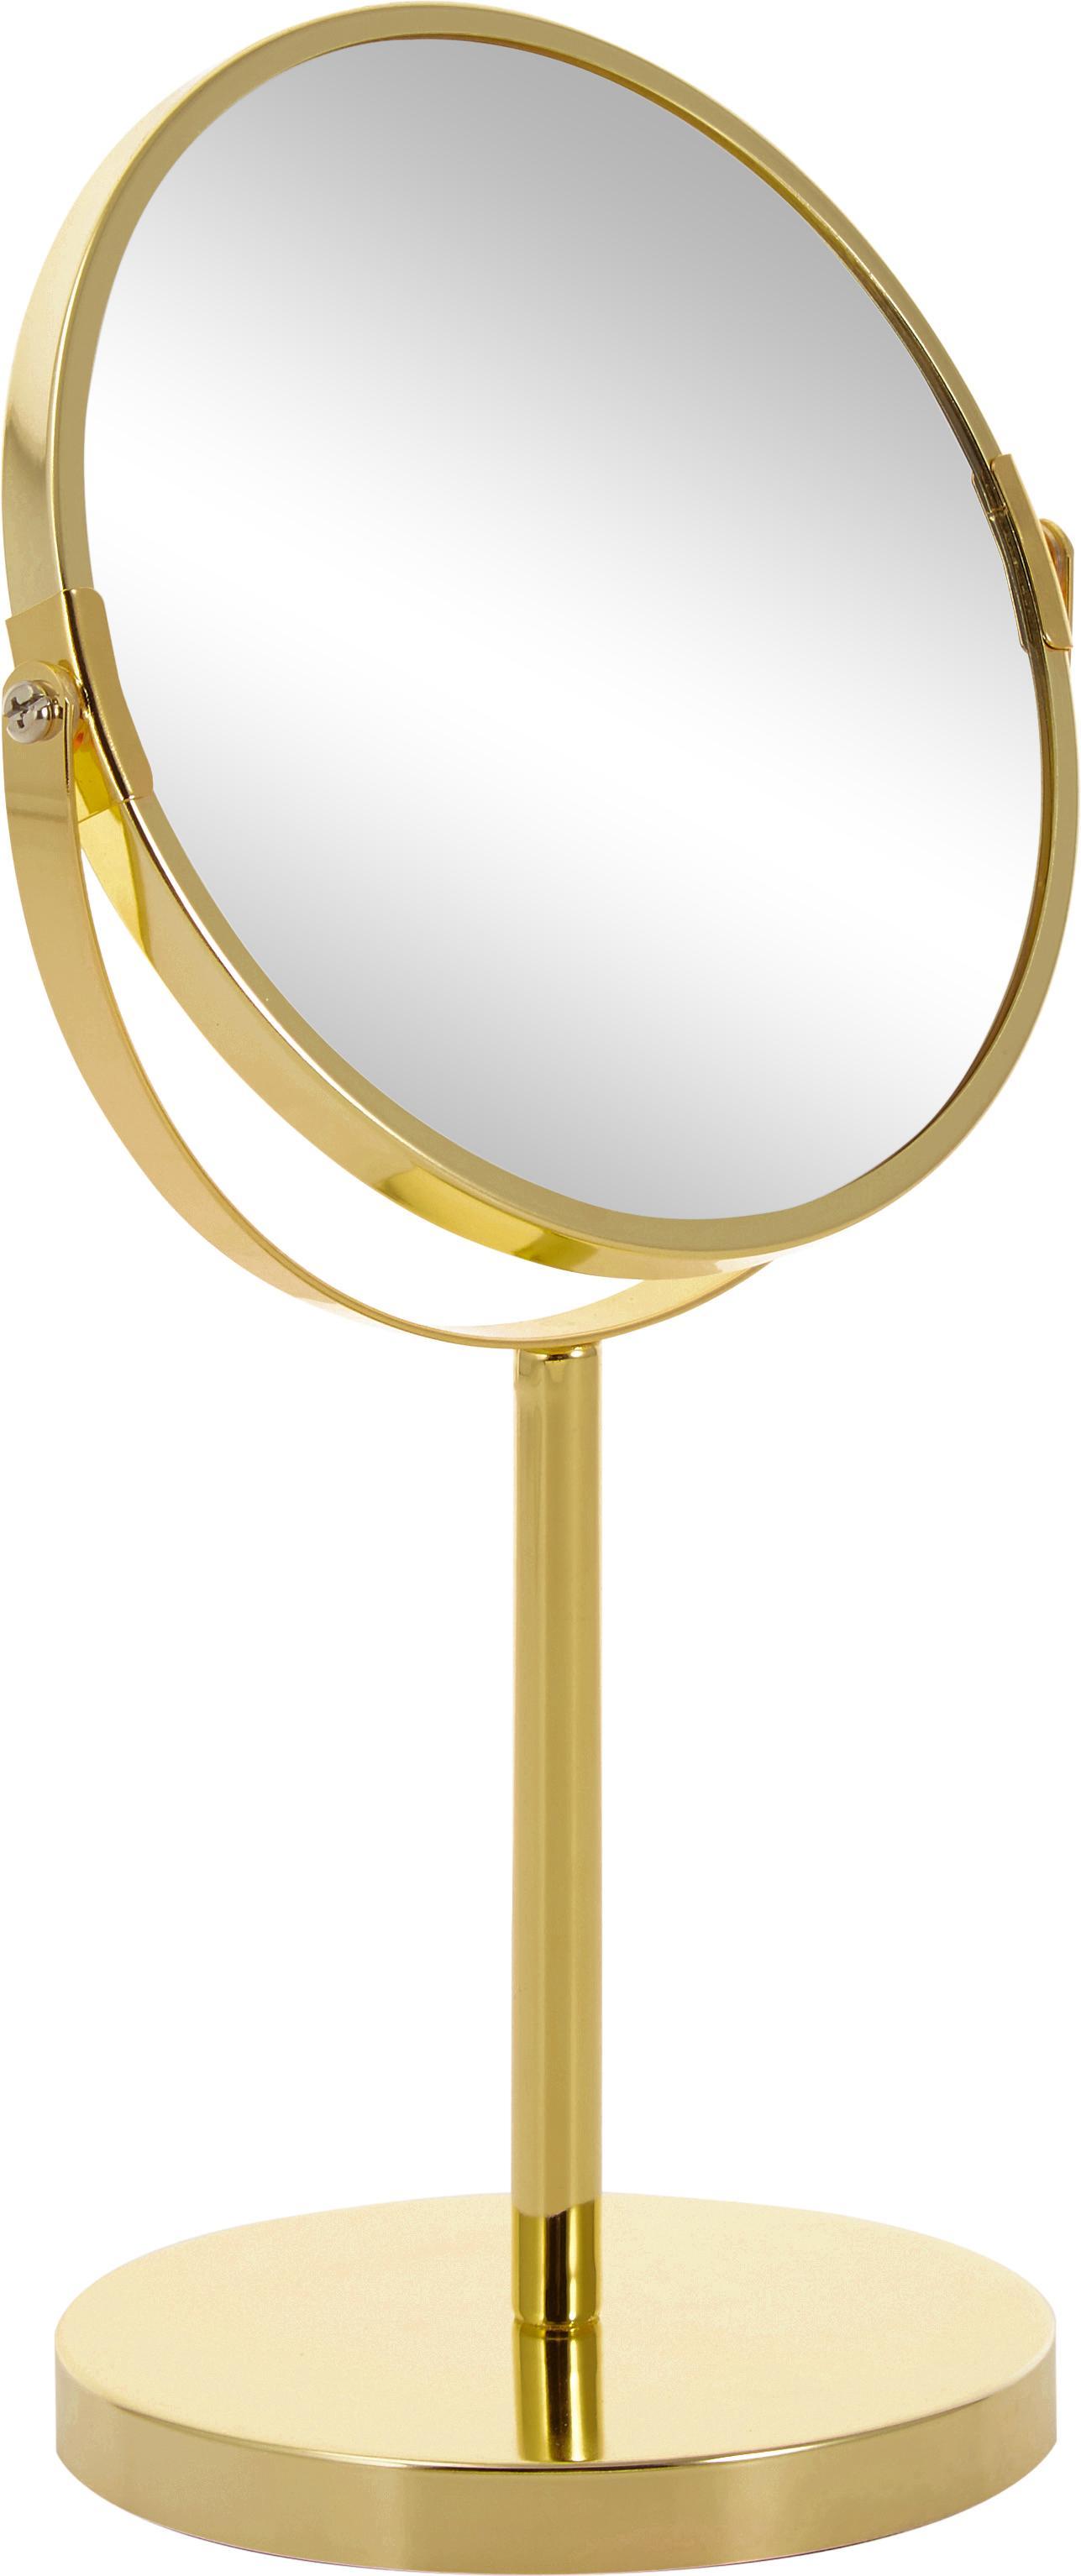 Specchio ingranditore da tavolo Classic, Cornice: metallo, Superficie dello specchio: lastra di vetro, Cornice: dorato, Specchio: lastra di vetro, Ø 20 x A 35 cm